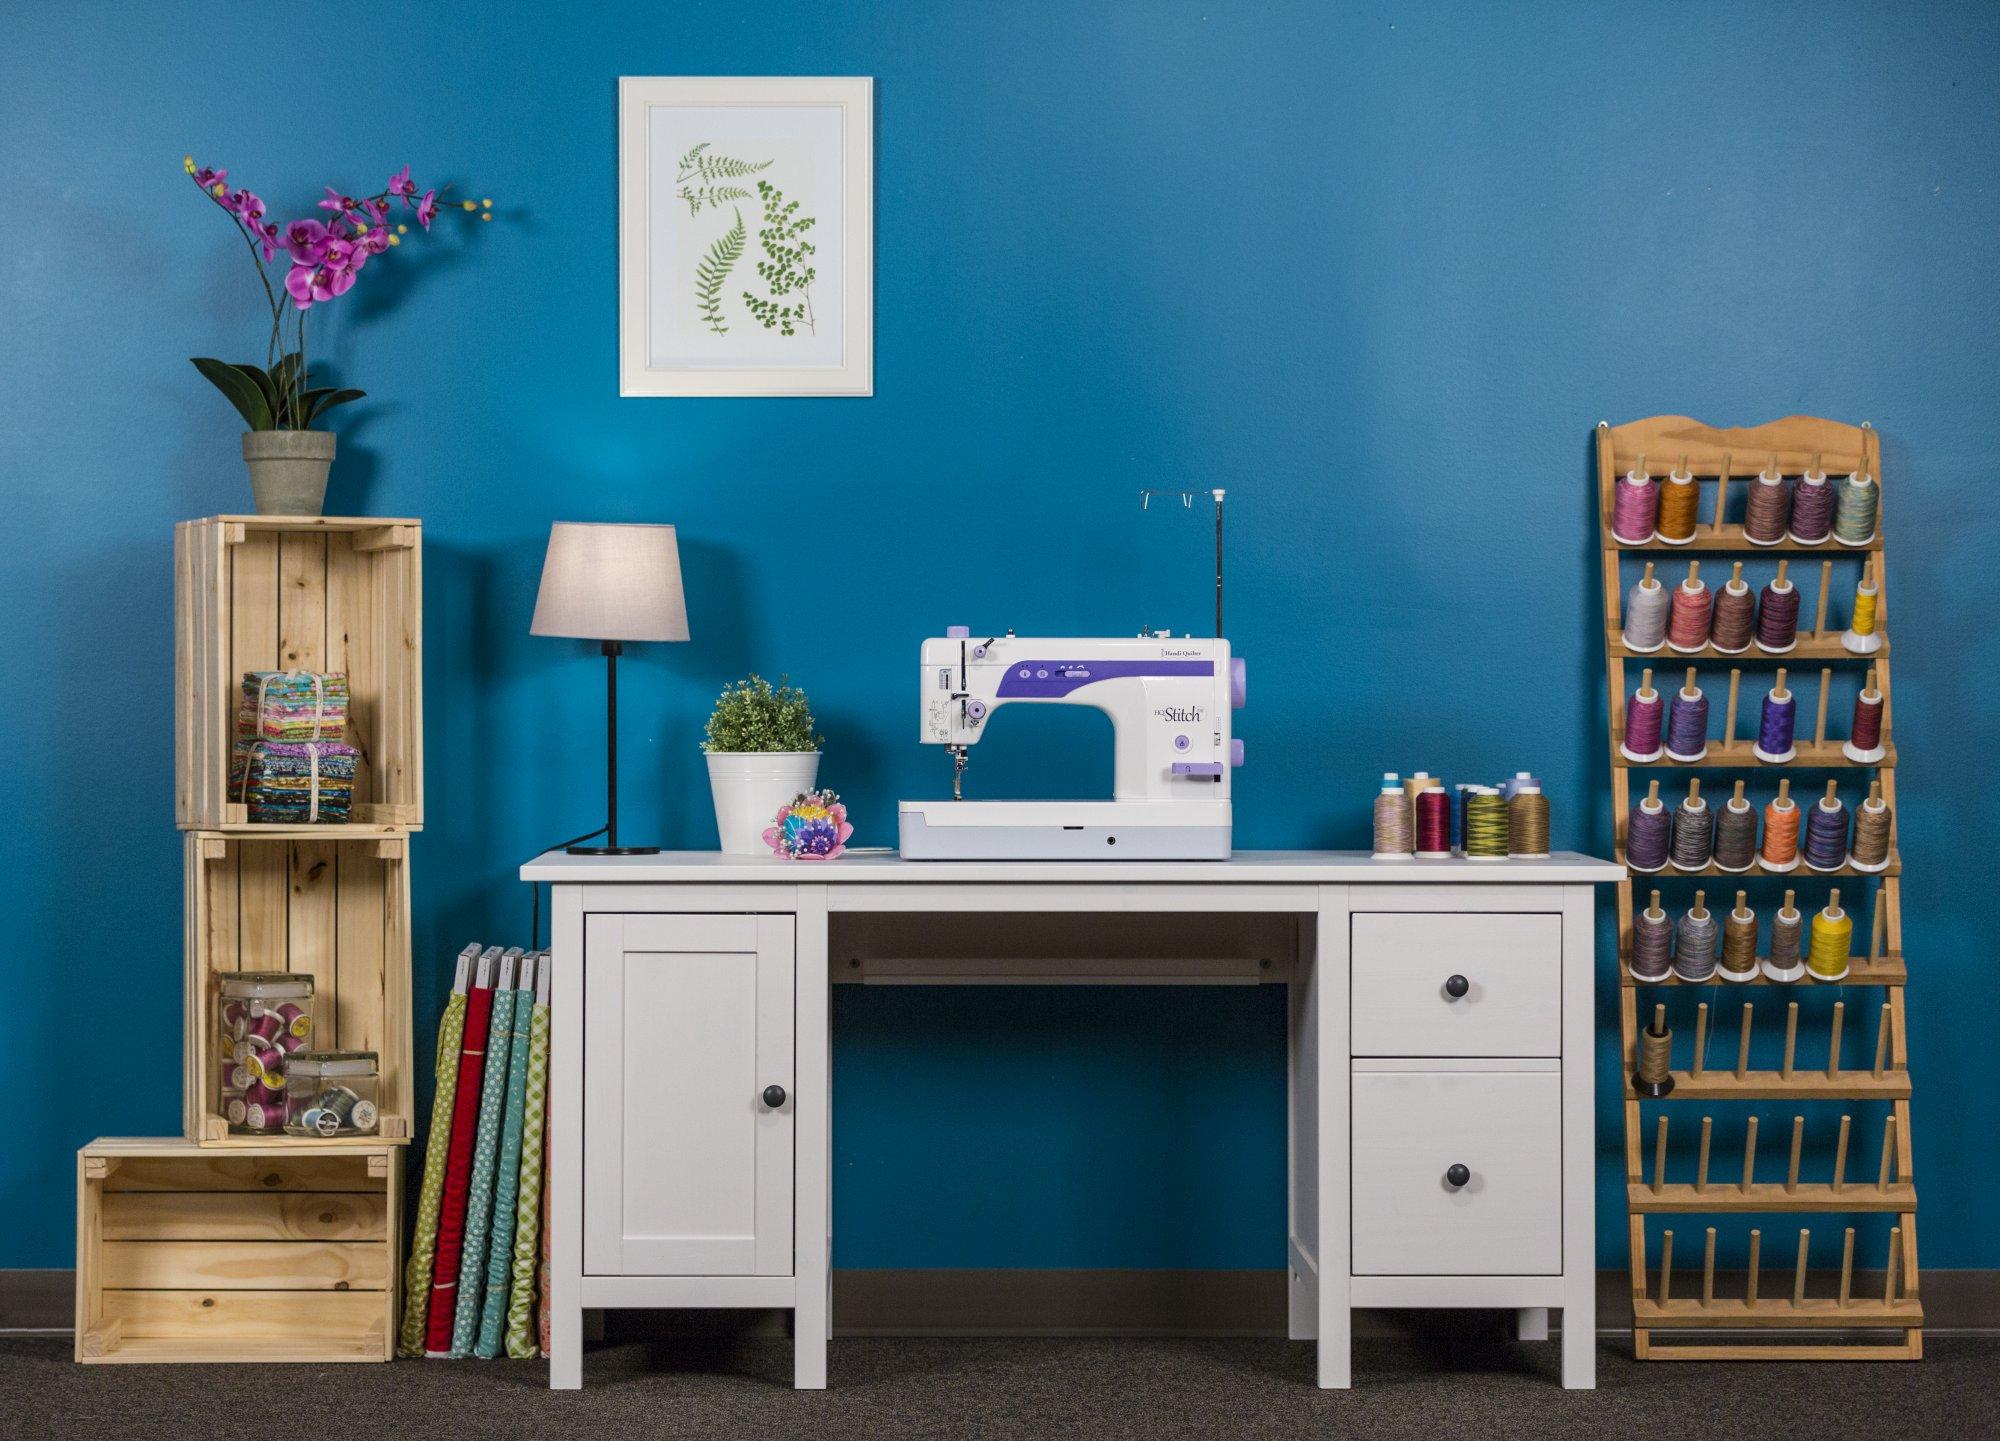 HQ Stitch 510 Sewing Machine